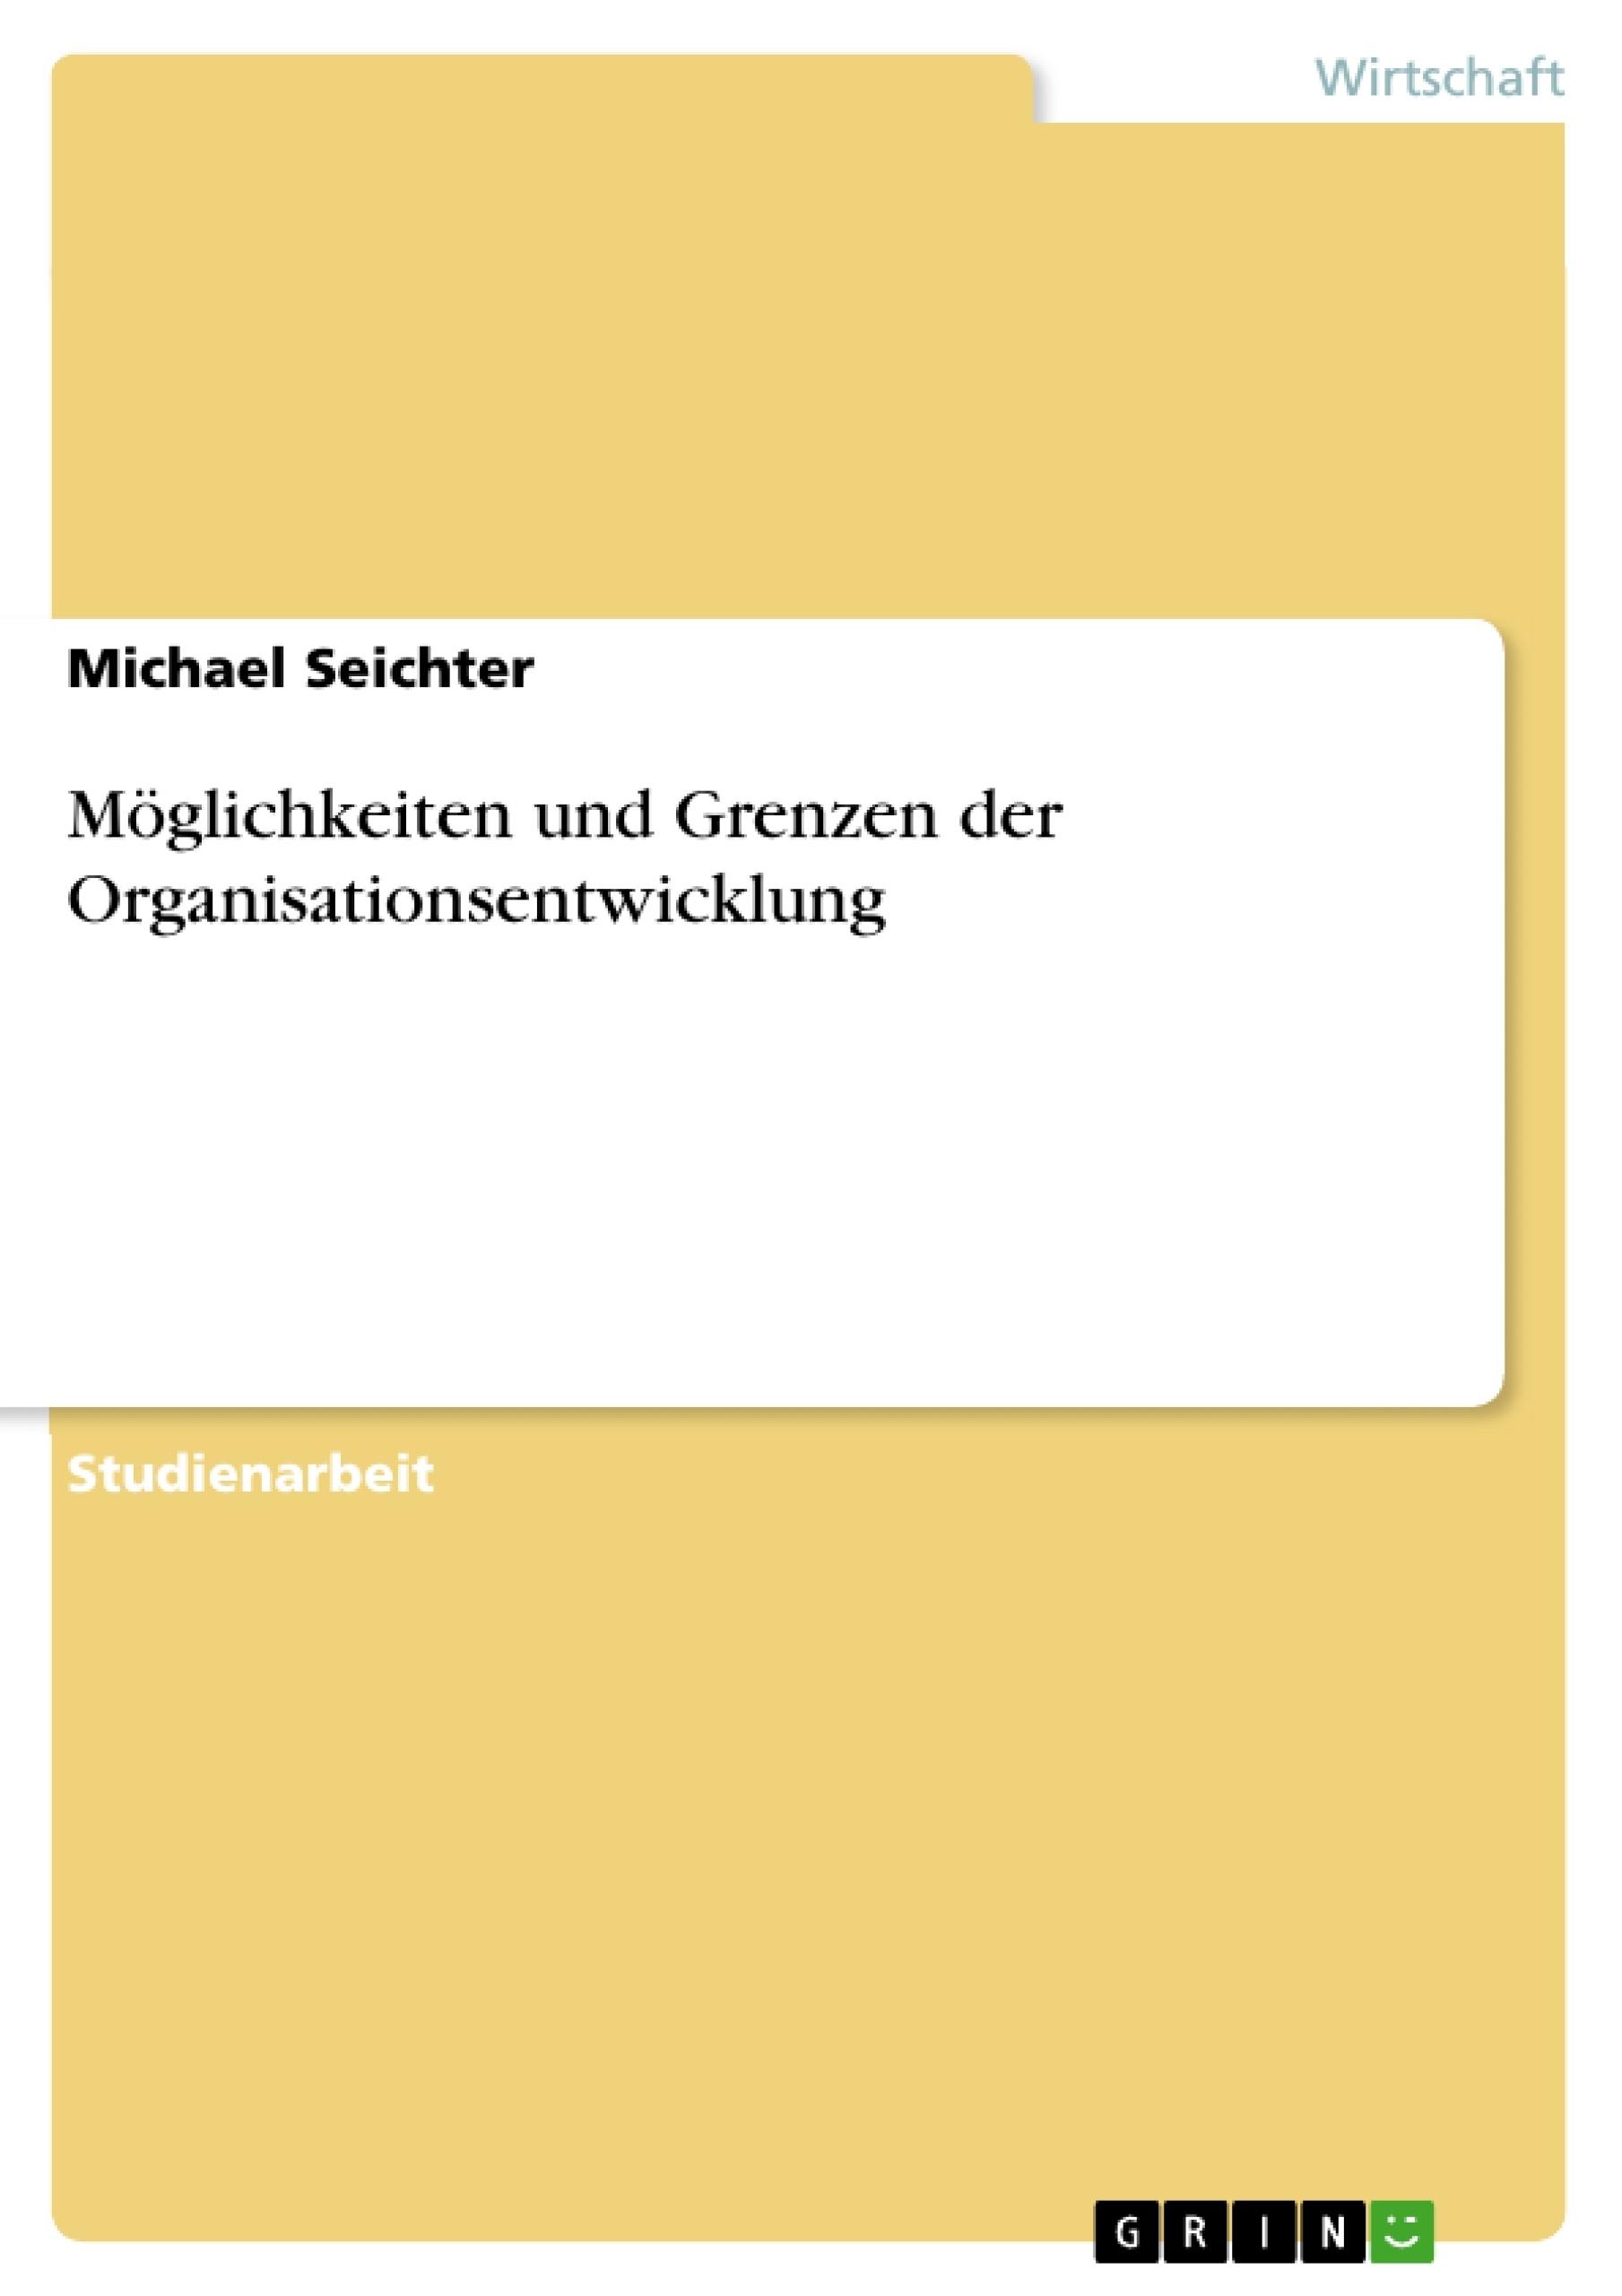 Titel: Möglichkeiten und Grenzen der Organisationsentwicklung